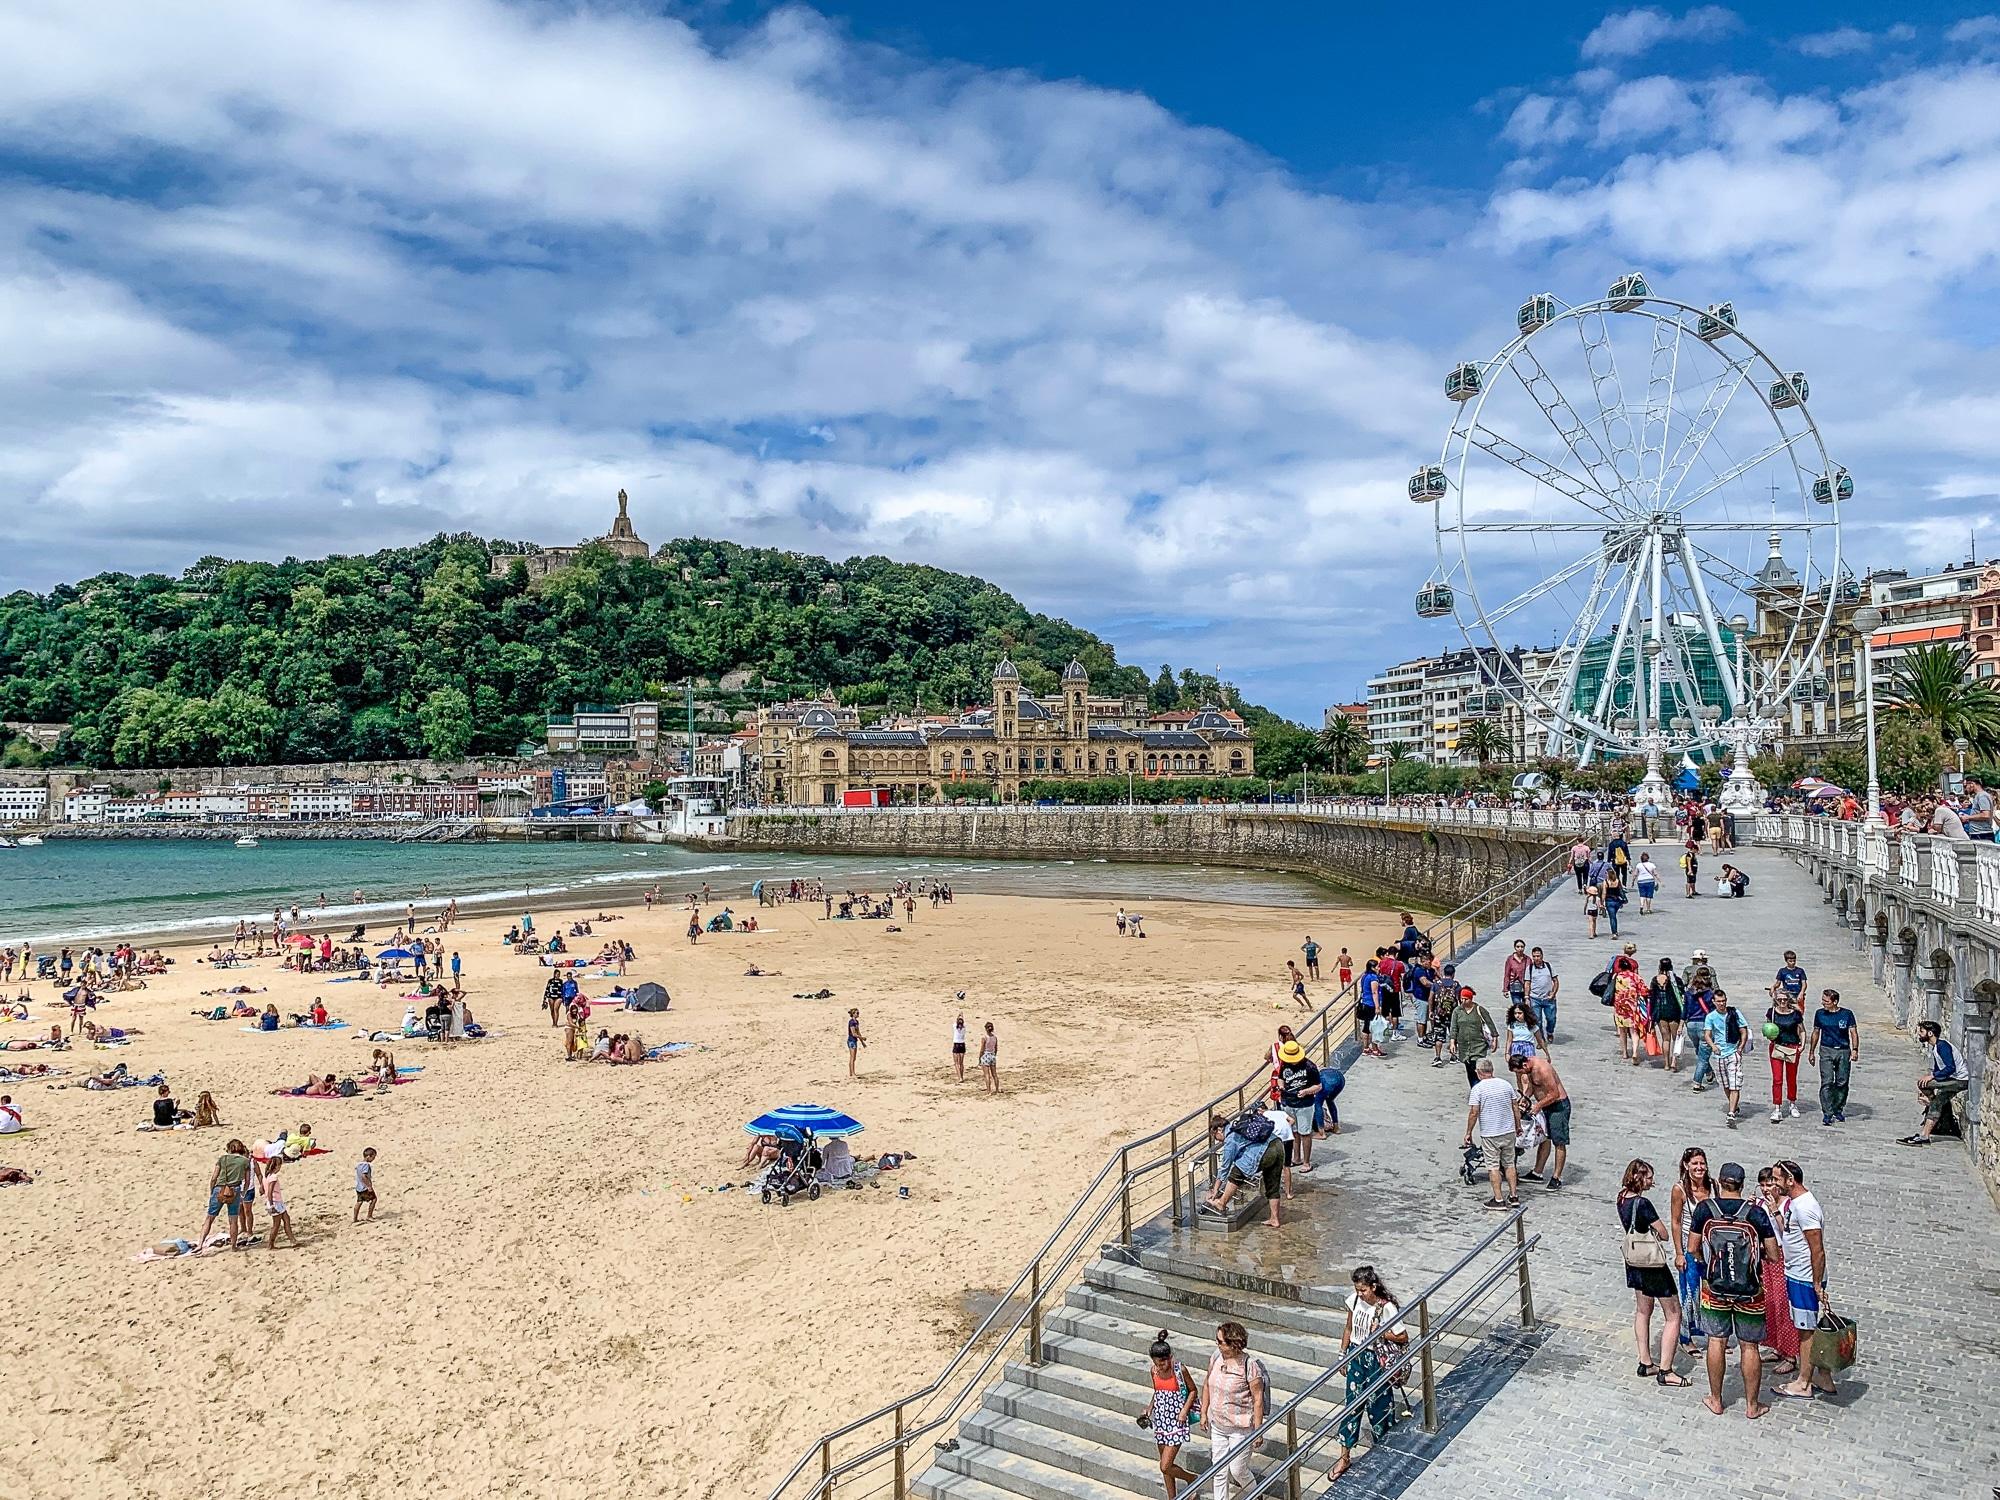 San Sebastián Sehenswürdigkeiten: Tipps für einen Donostia Tagesausflug - Stadtstrand